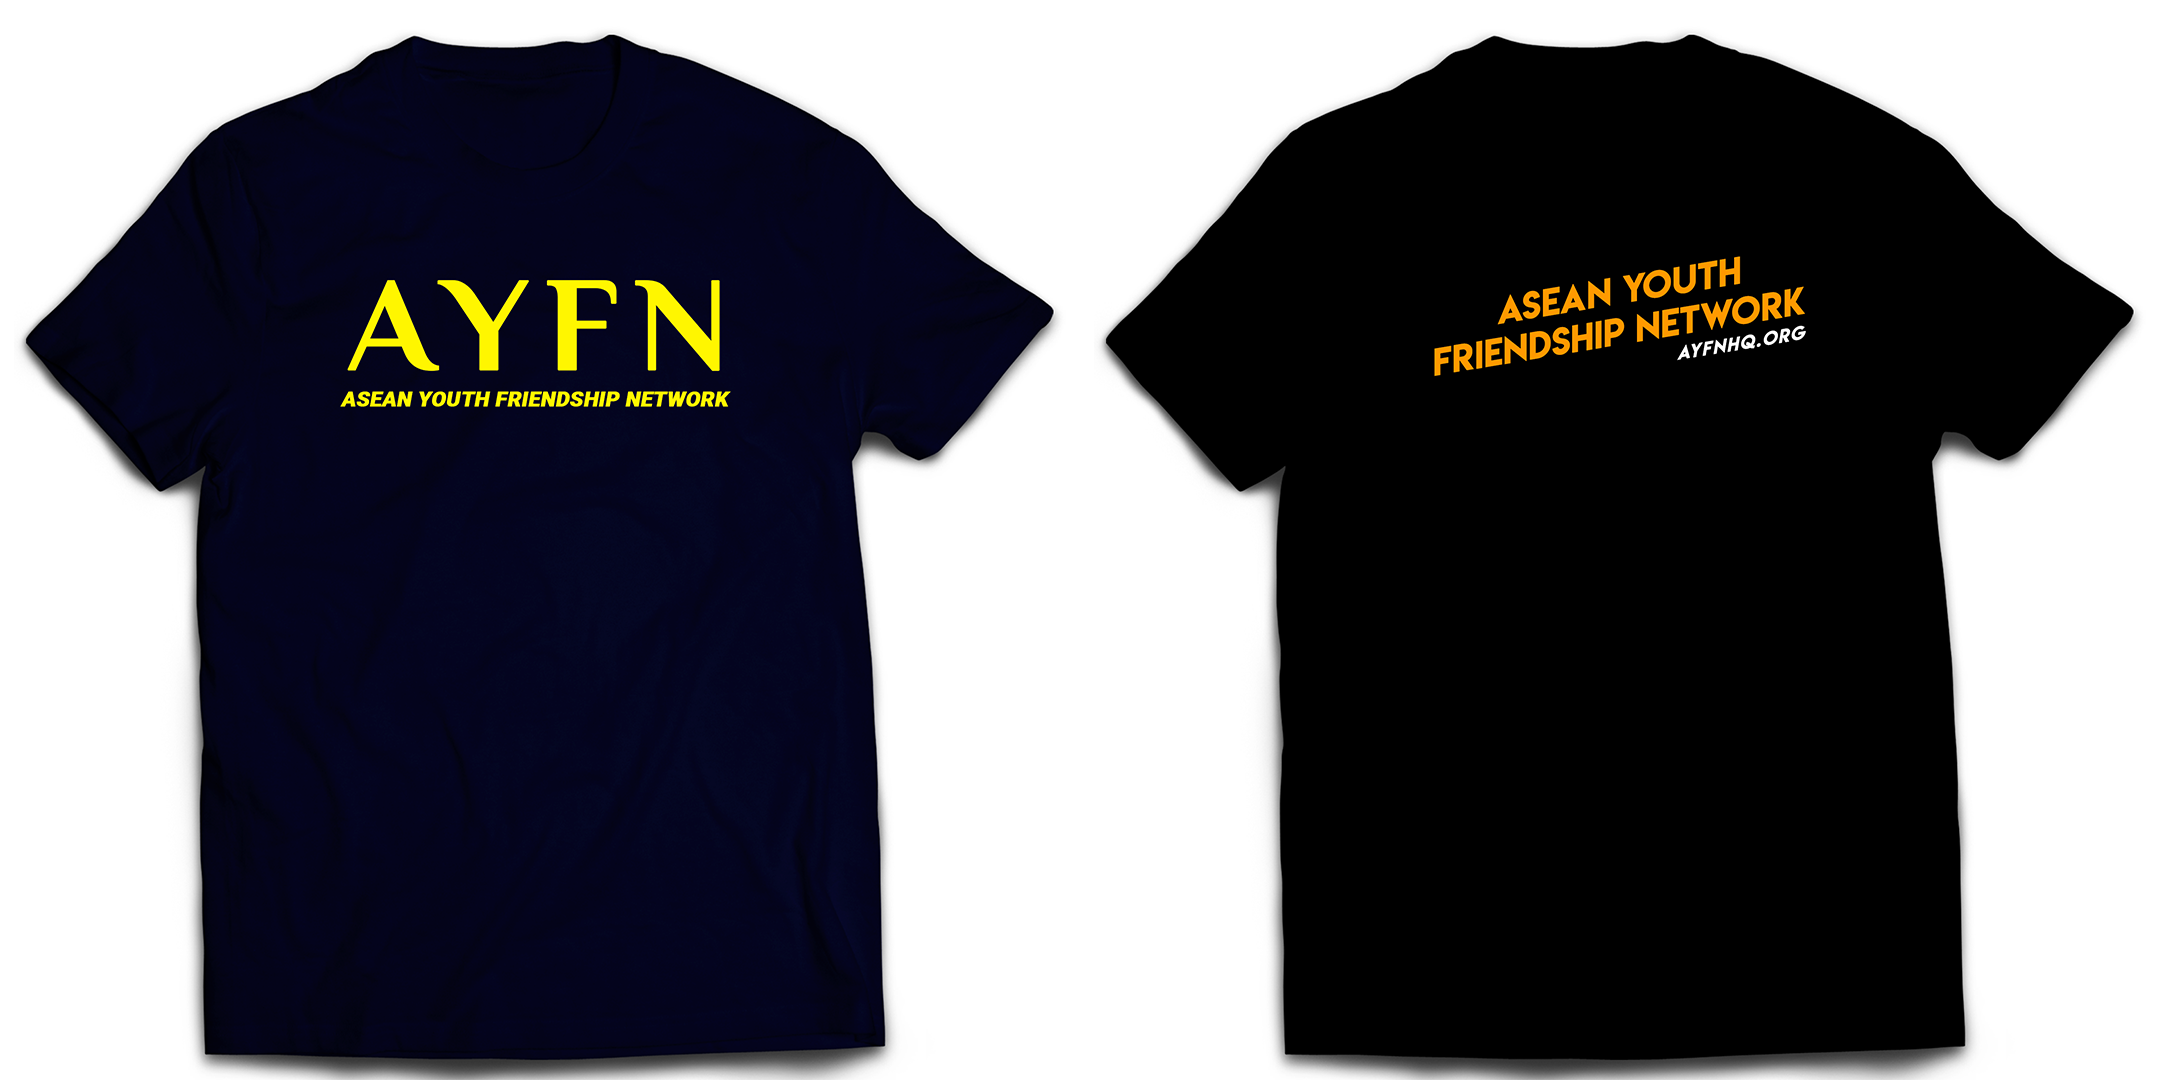 t-shirt ayfn